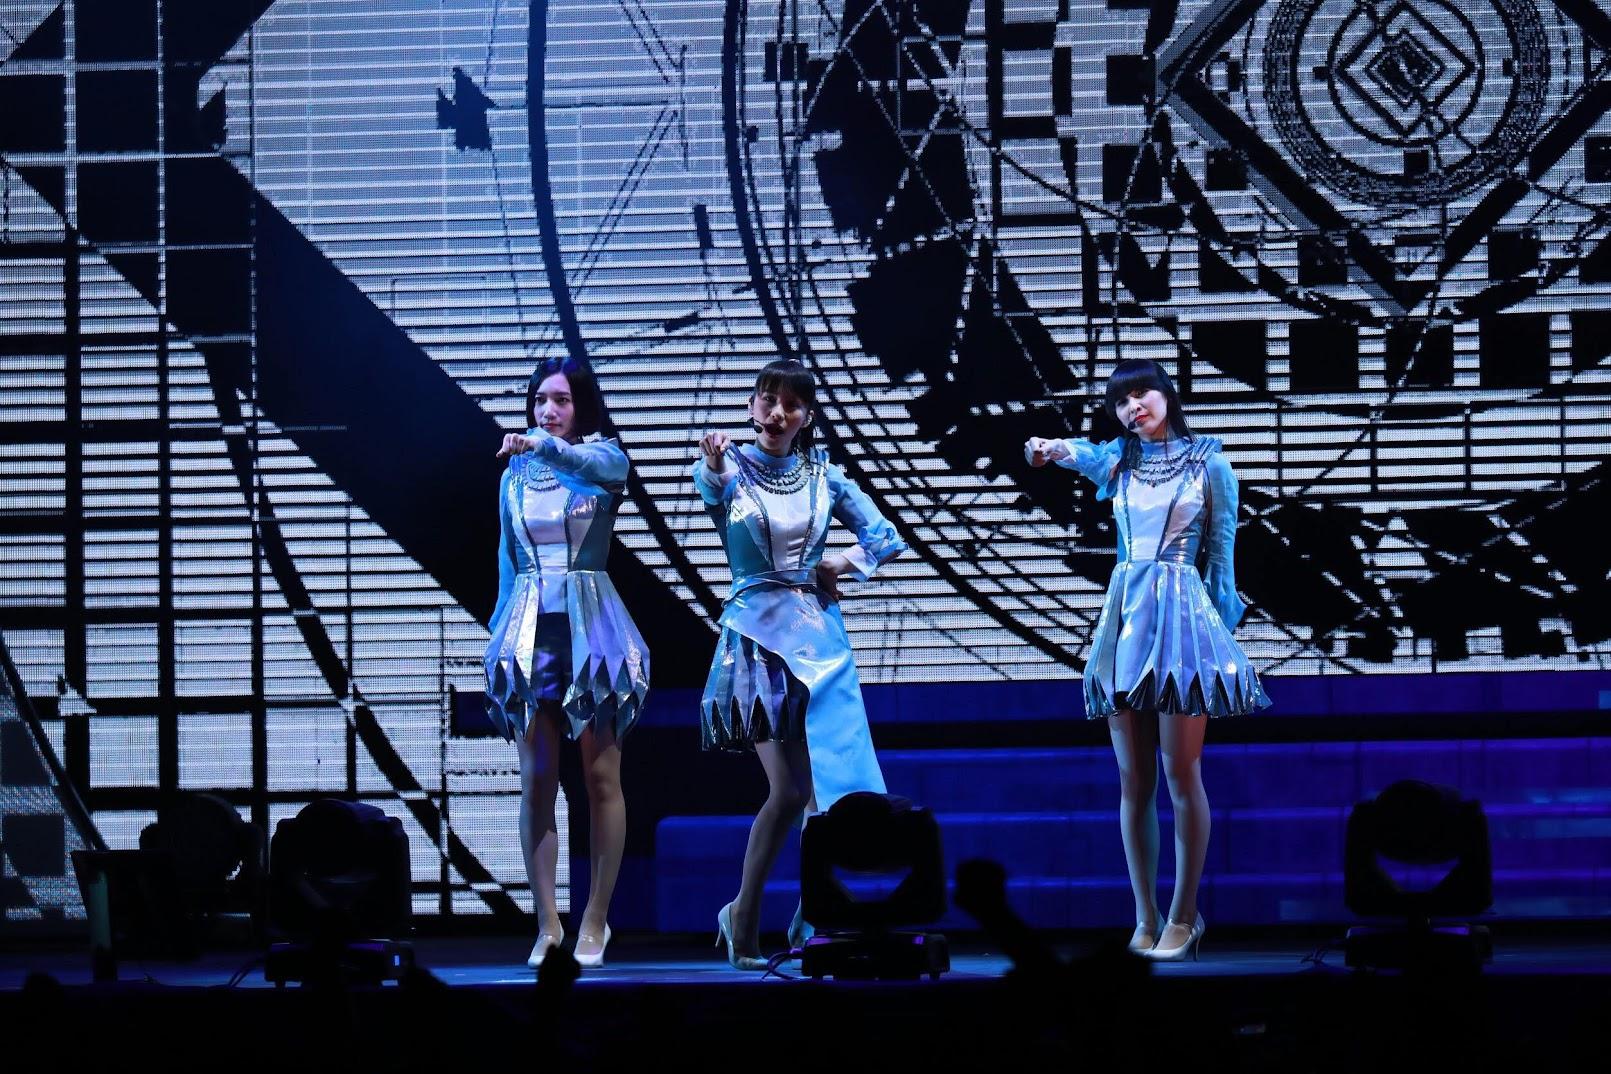 【迷迷現場】Perfume 台大體育館開唱 釣蝦初體驗演出也入梗讚